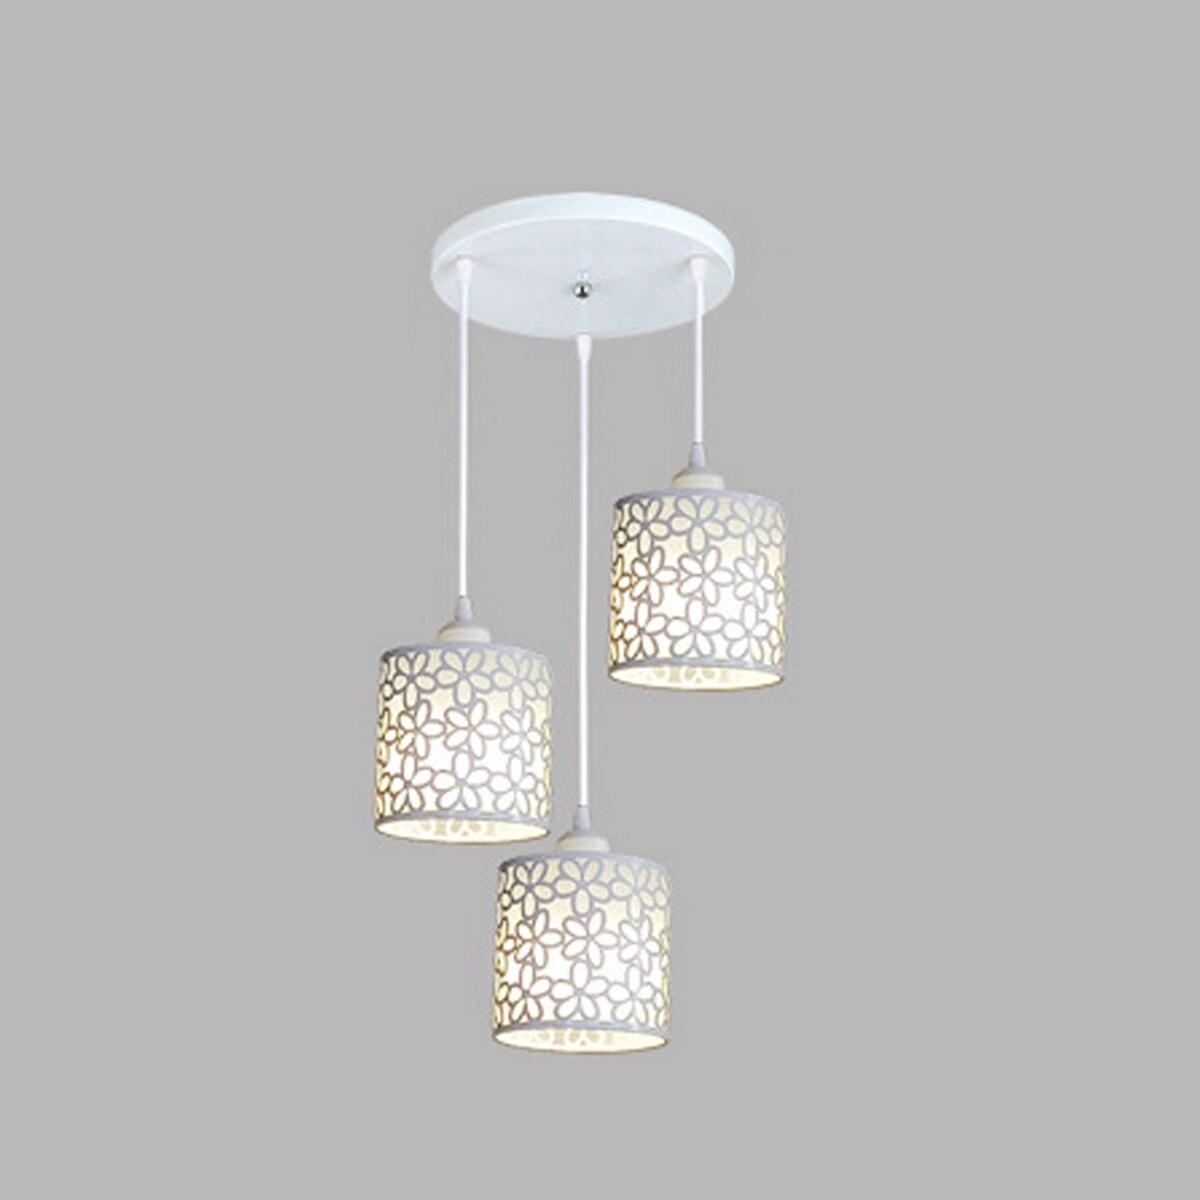 Nowoczesny skandynawski wisiorek led lampy sufitowe oprawy oświetleniowe żelaza drążą lampa wisząca dekoracji wnętrz dla jadalnia sypialnia sklep Bar